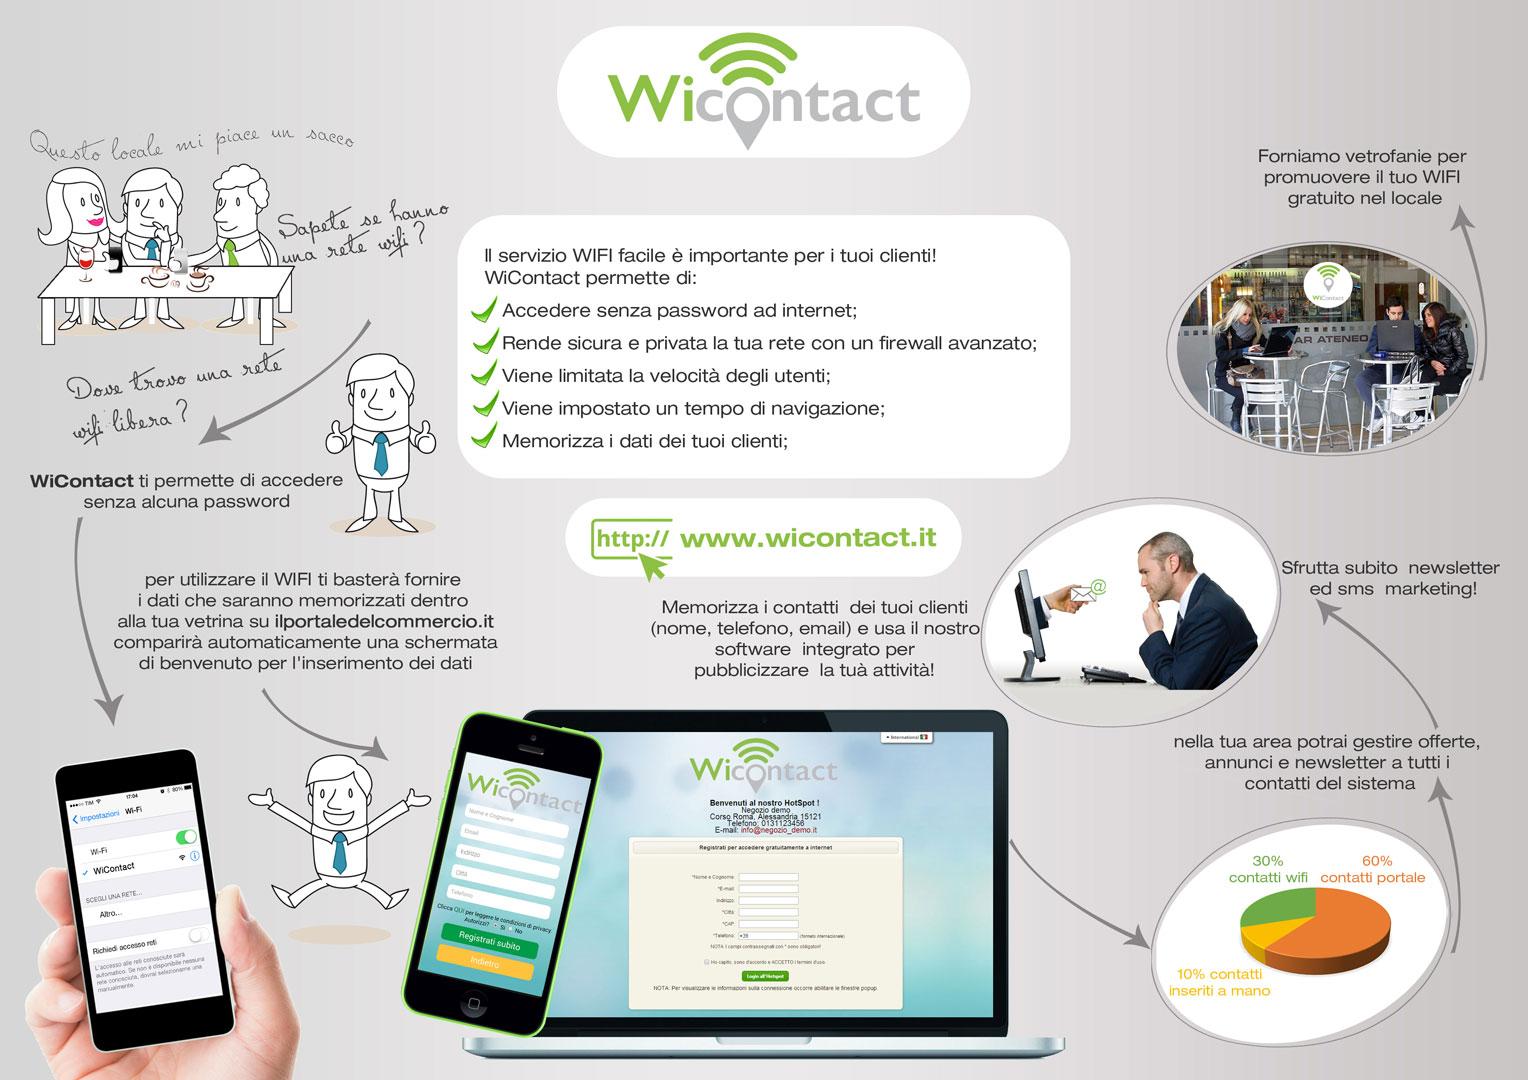 come funziona wicontact wifi hotspot locale alessandria torino milano genova